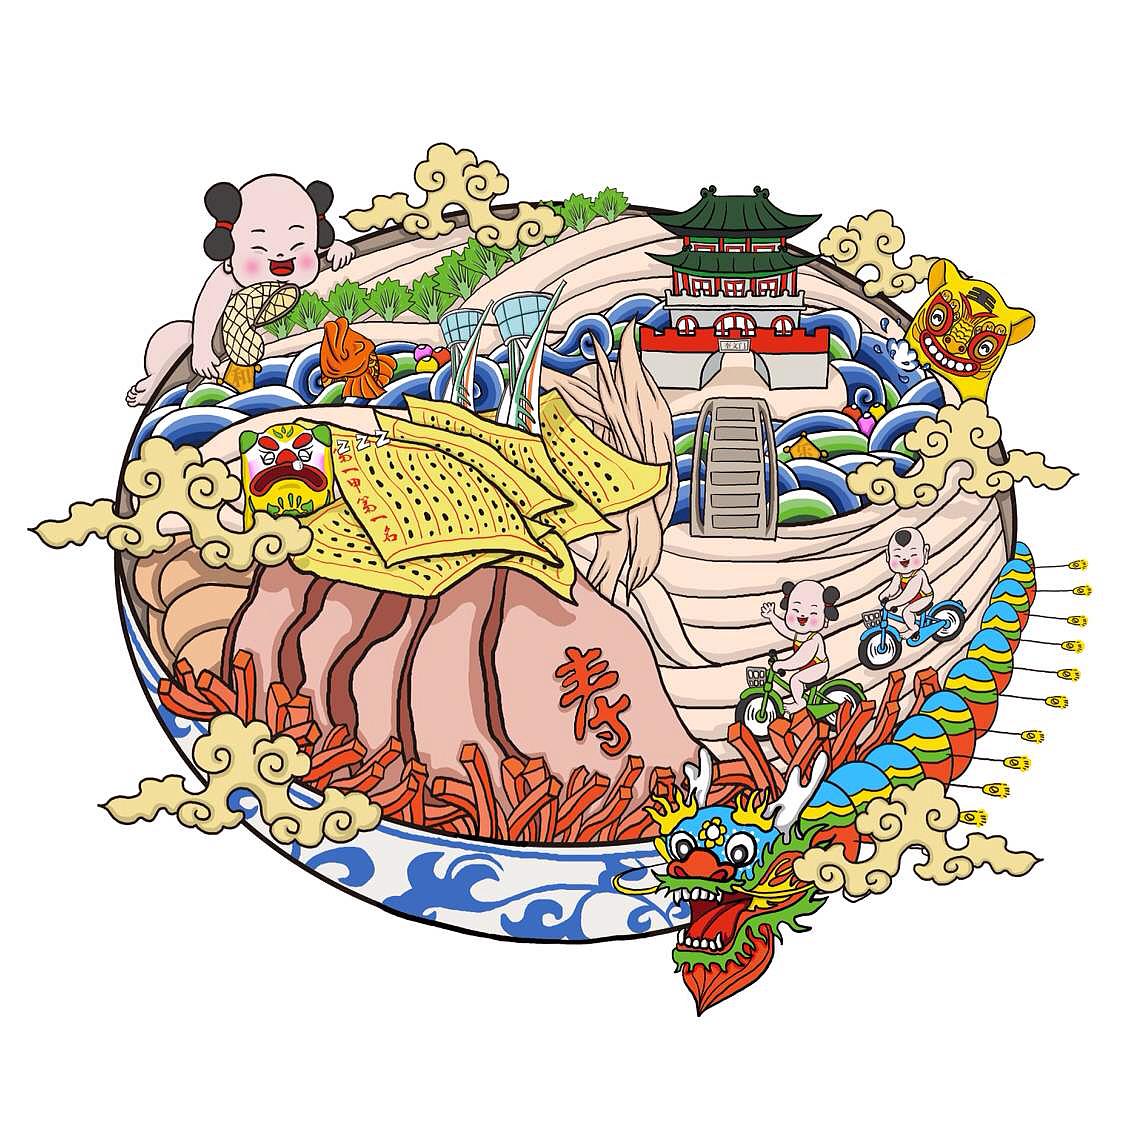 最近画了两幅以潍坊为主题的插画,其中融入了地标